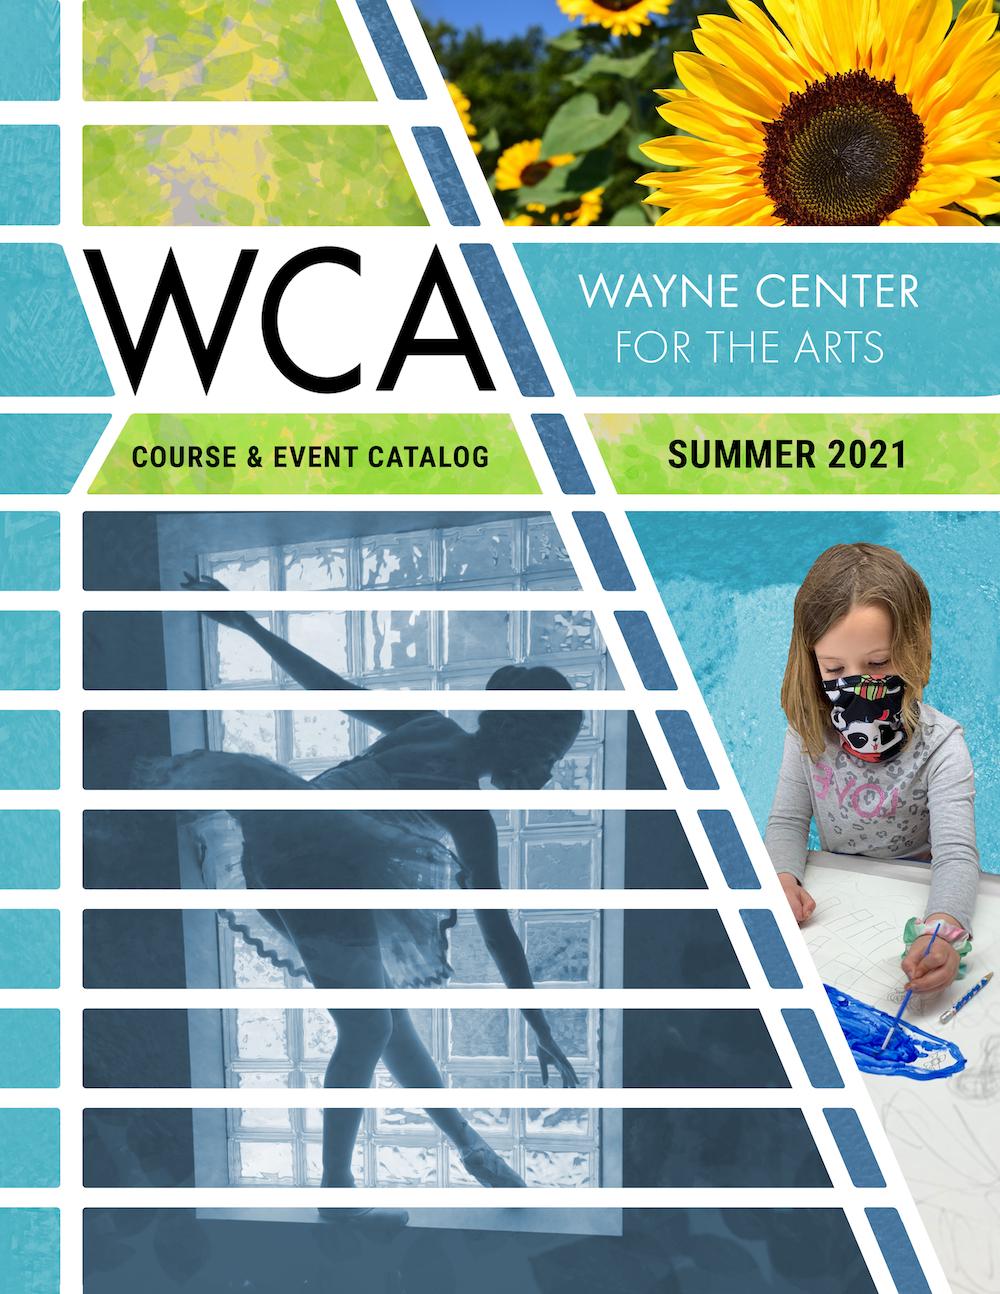 WCA 2021 Summer Course & Event Catalog